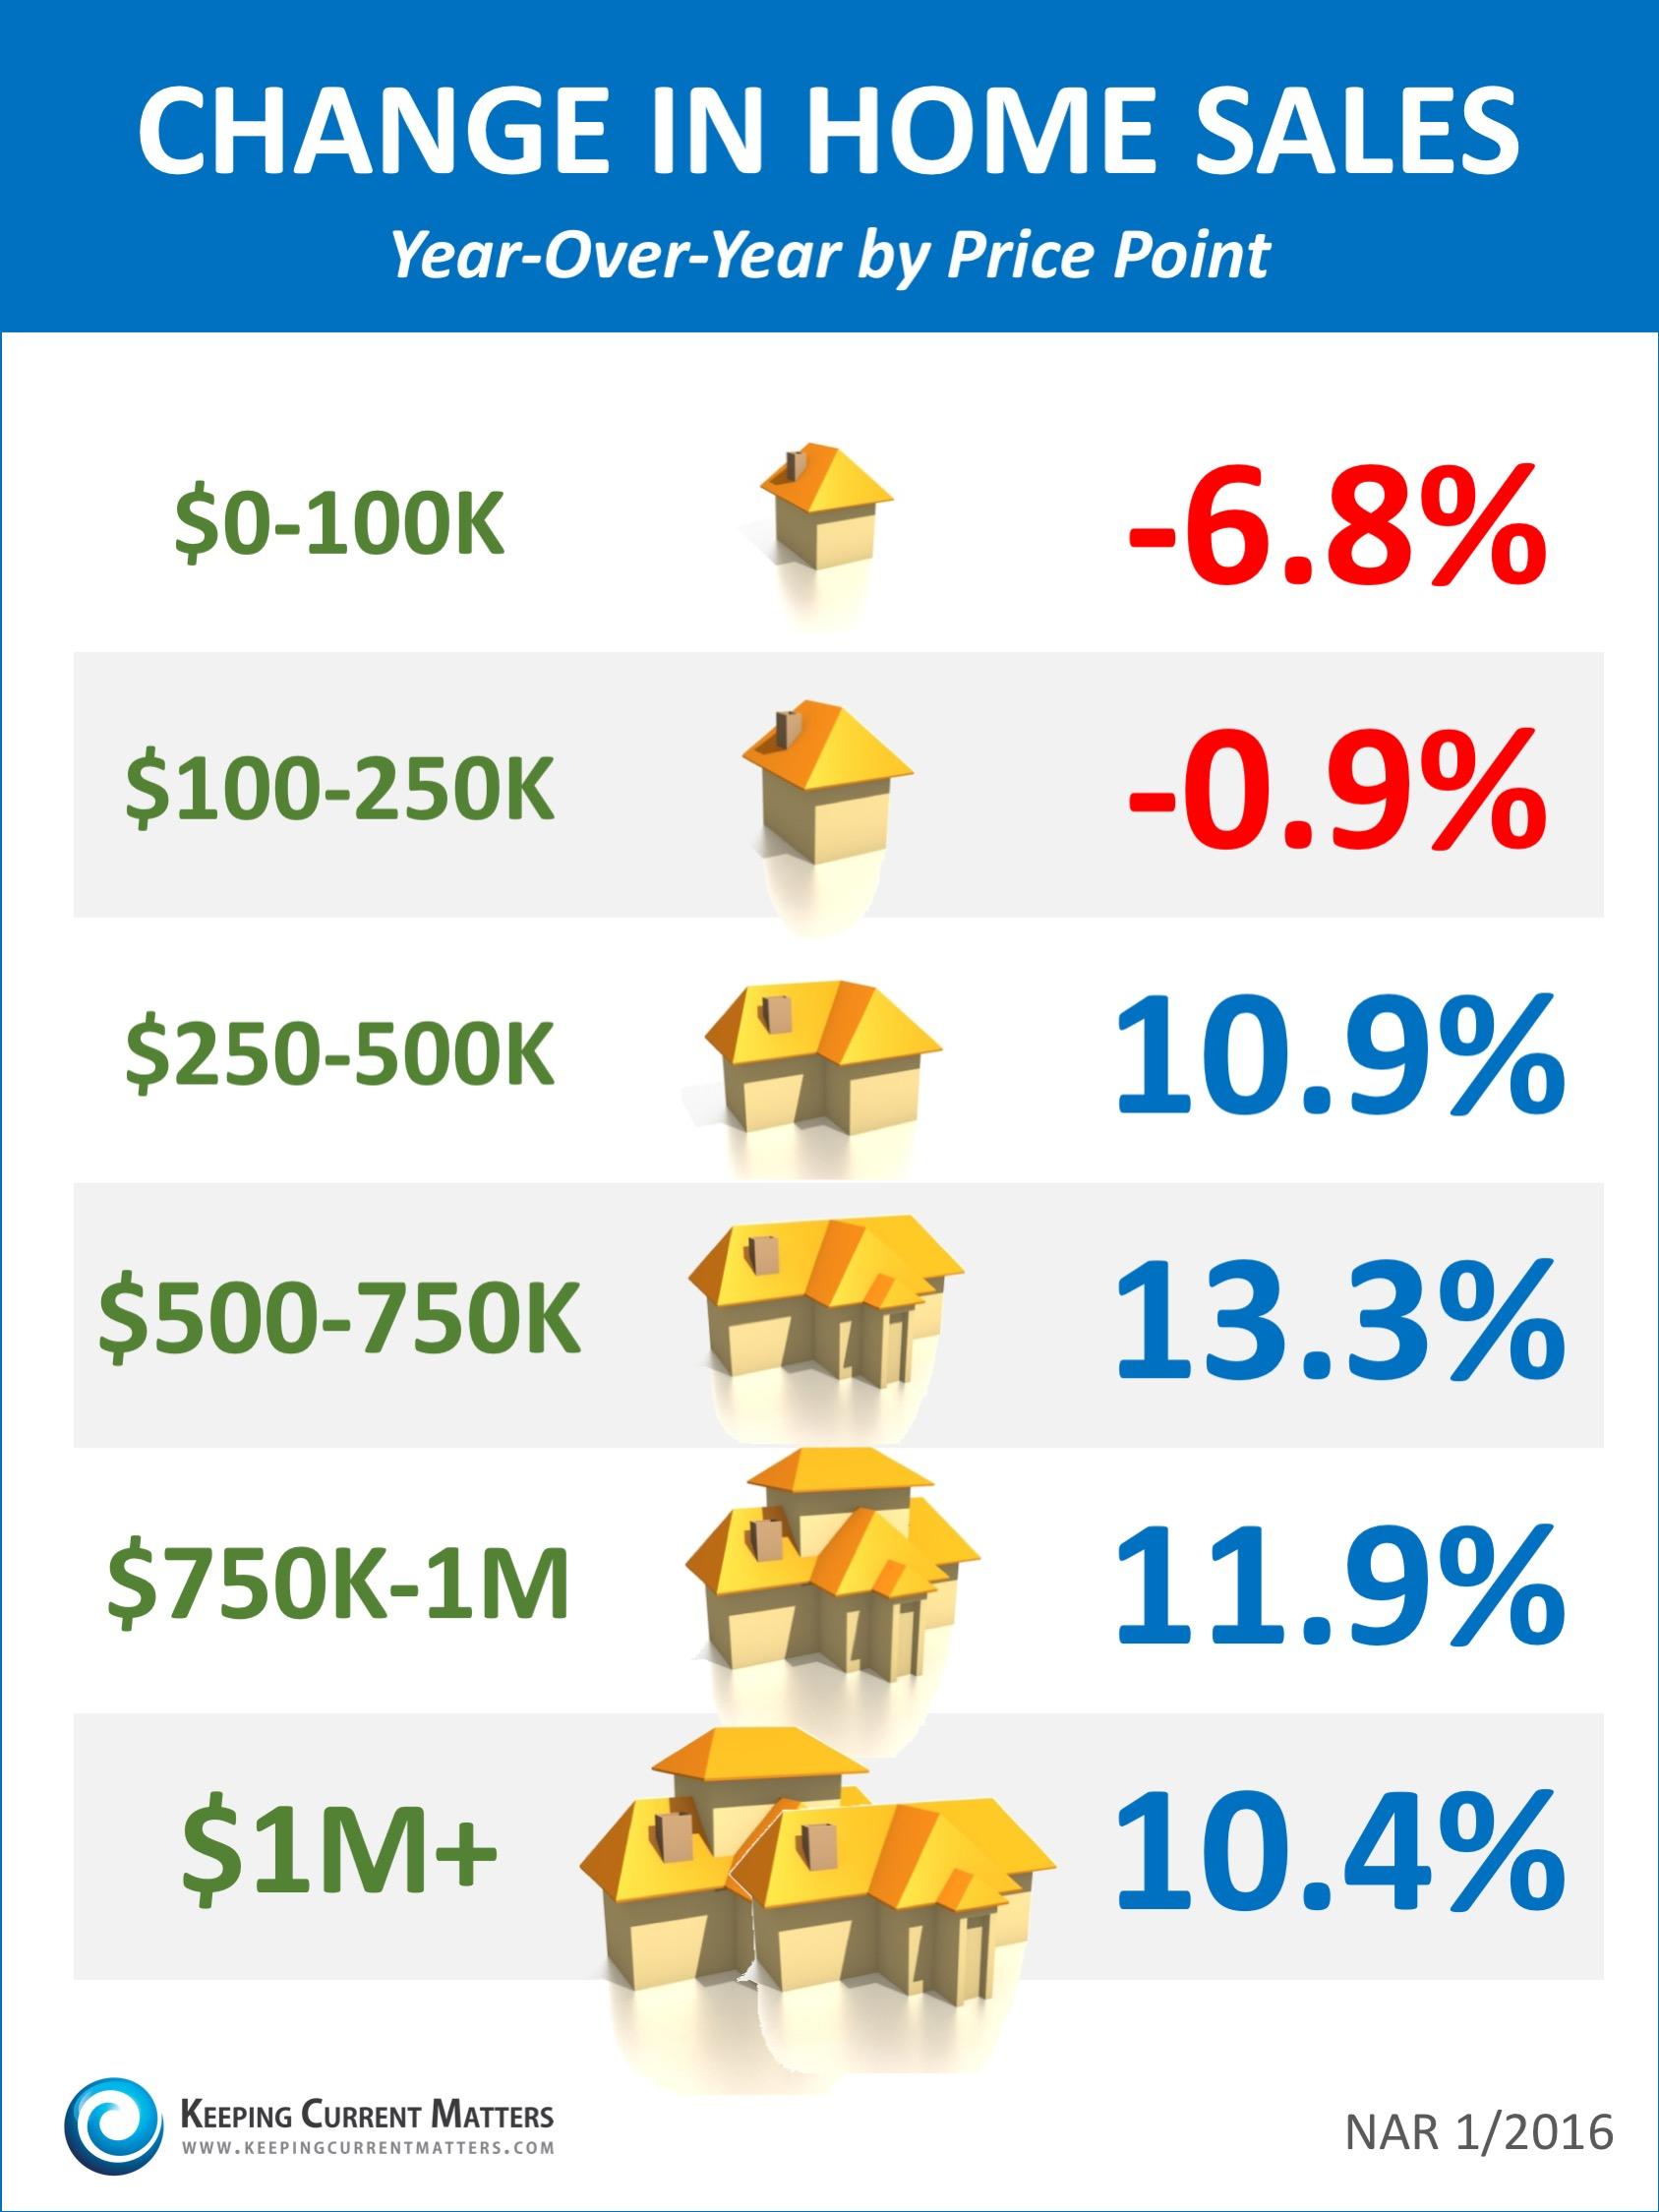 Change-In-Home-Sales-KCM.jpg